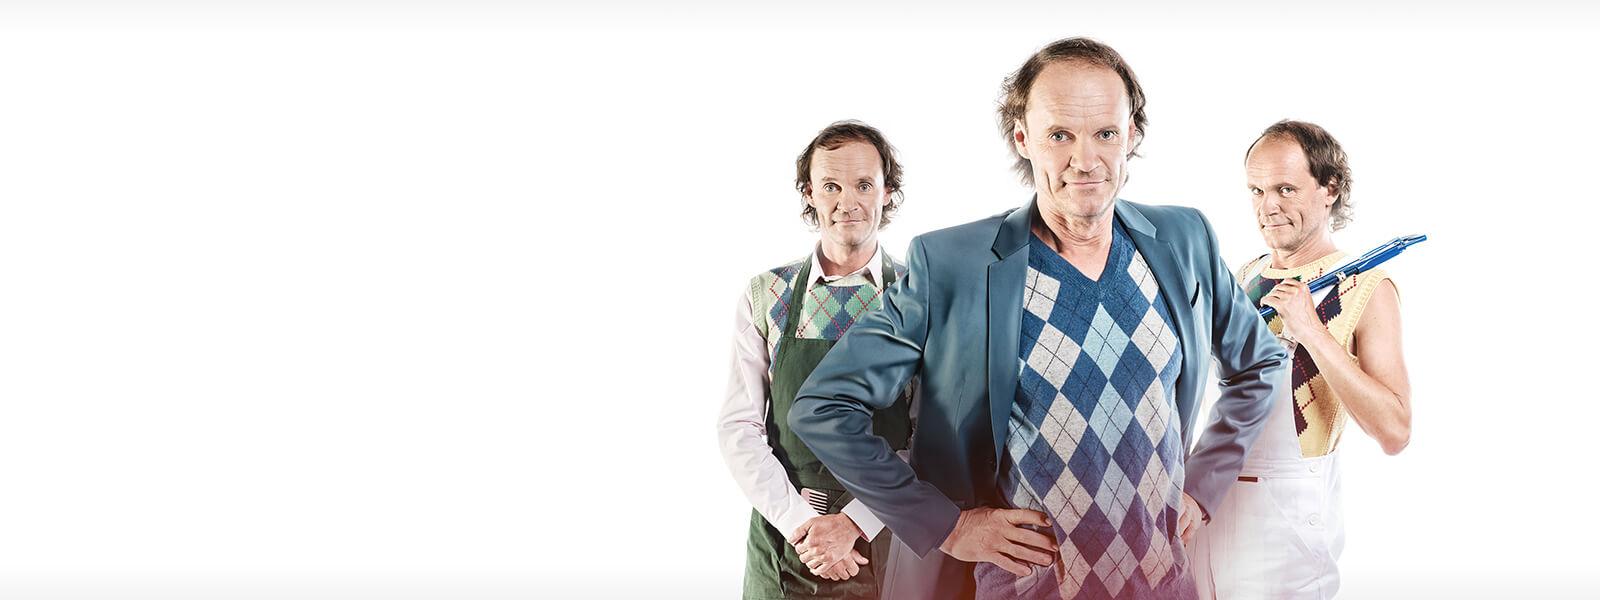 Olaf Schubert in verschiedenen Unternehmerrollen: Hundefriseur, Inhaber Reisebüro, Handwerker